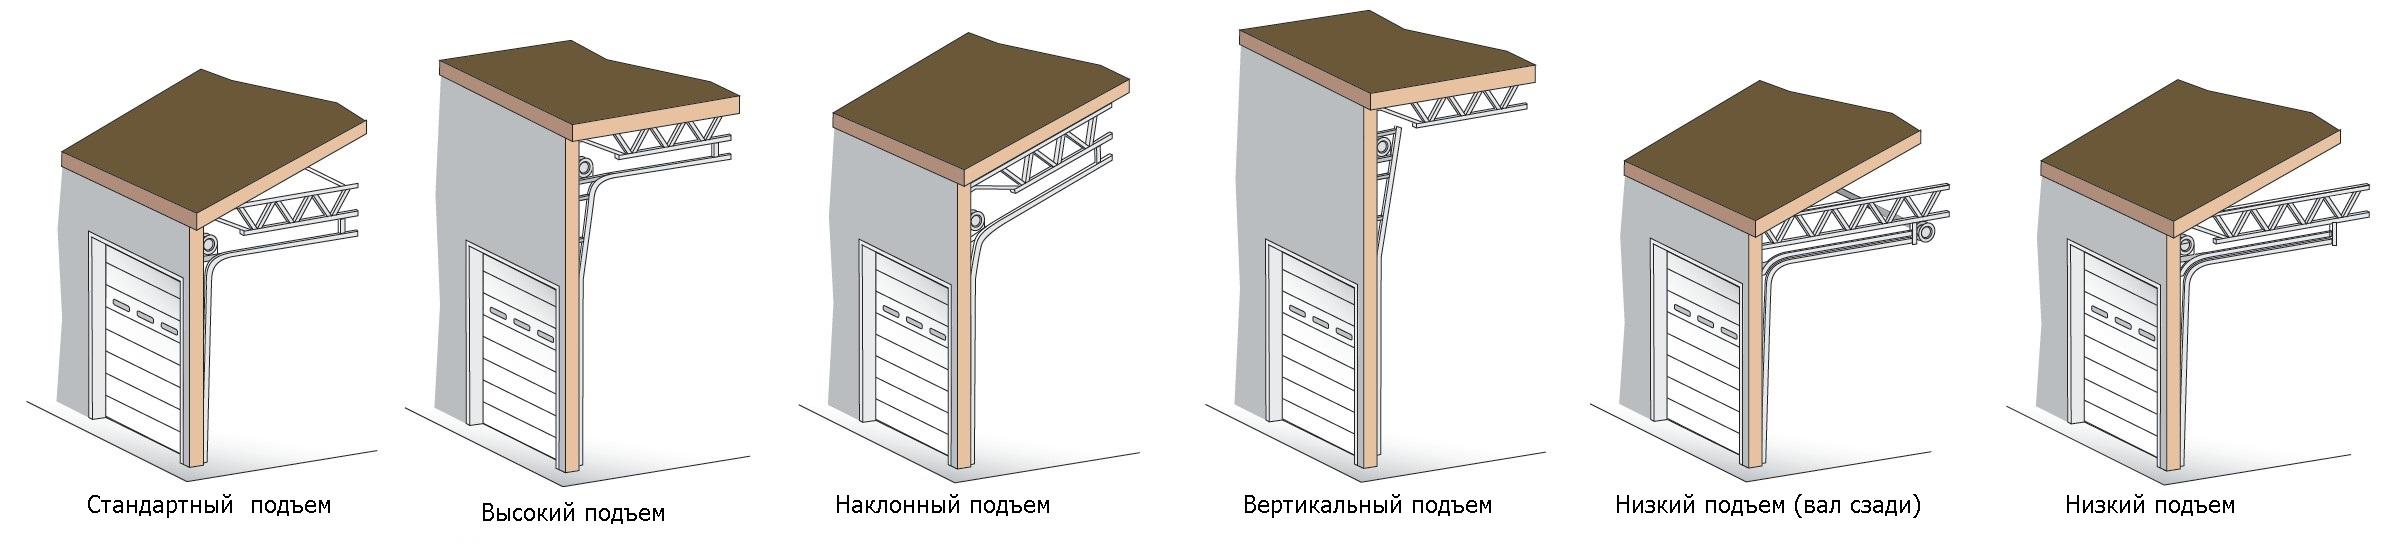 Типы подъемов секционных ворот